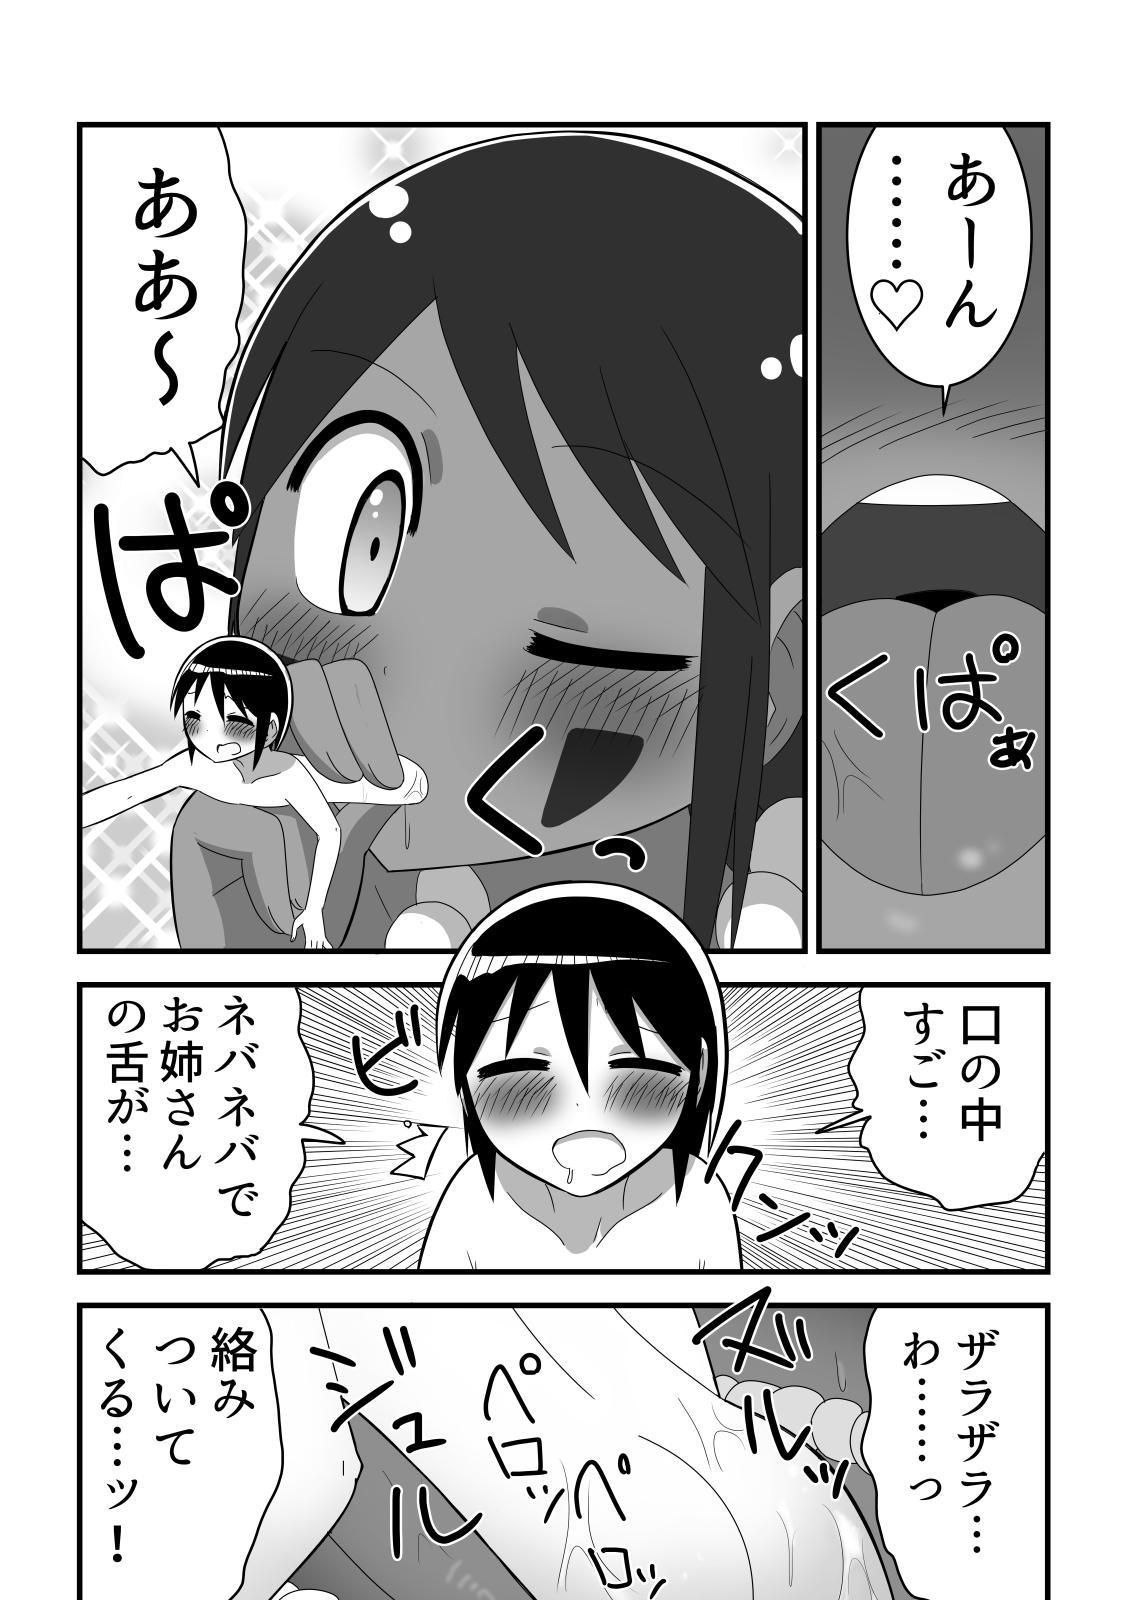 Shota Tankentai ga Hikyou de Kyojinzoku no Onee-san to Deatta Hanashi 13